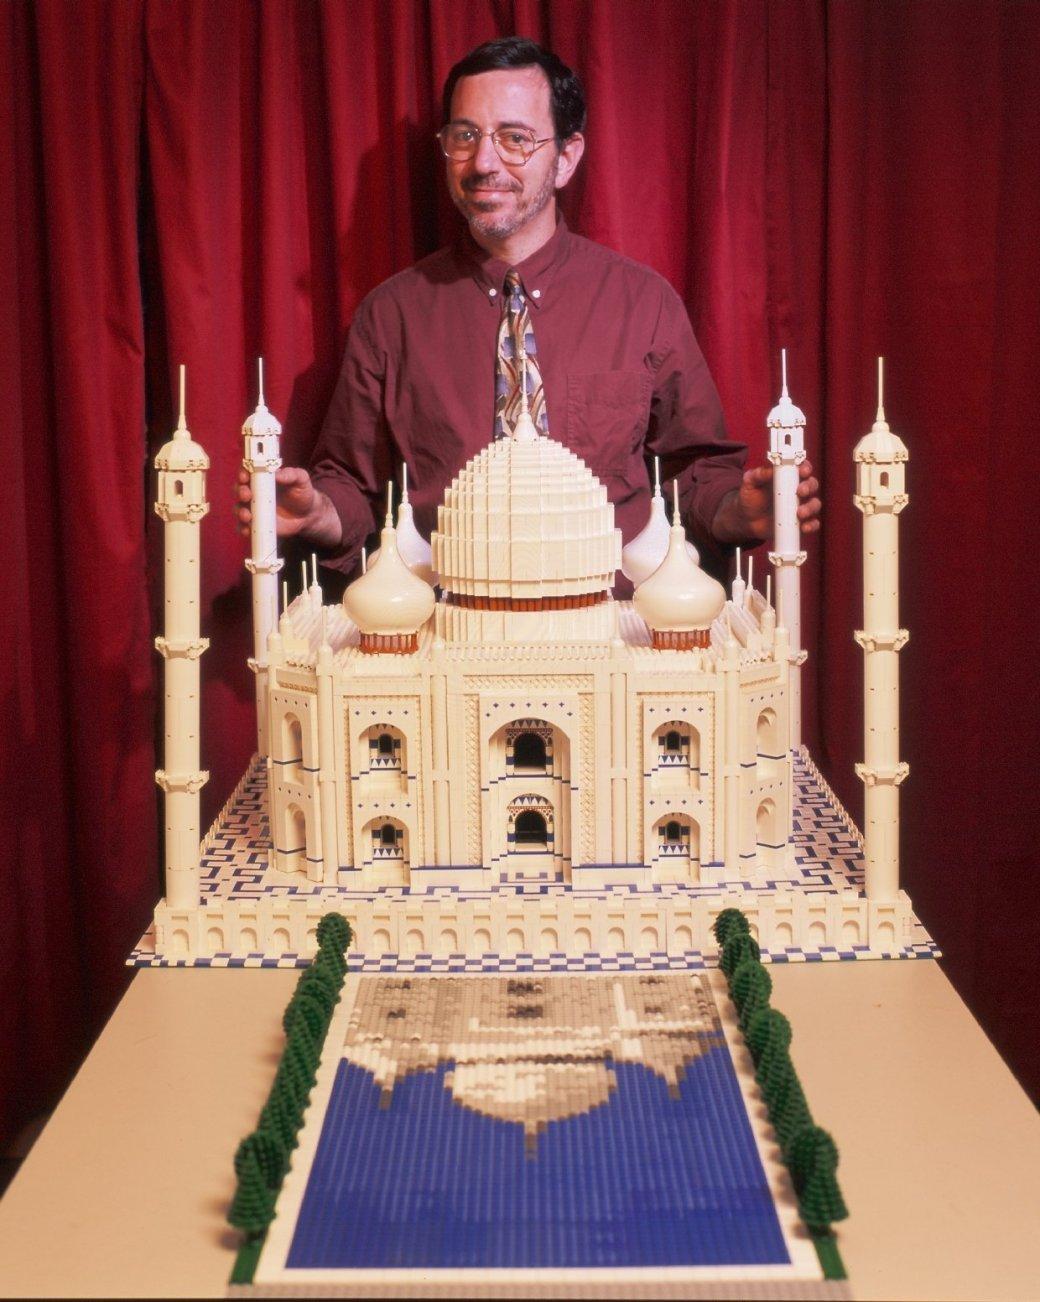 Искусство в кубе: краткий экскурс по миру LEGO - Изображение 5